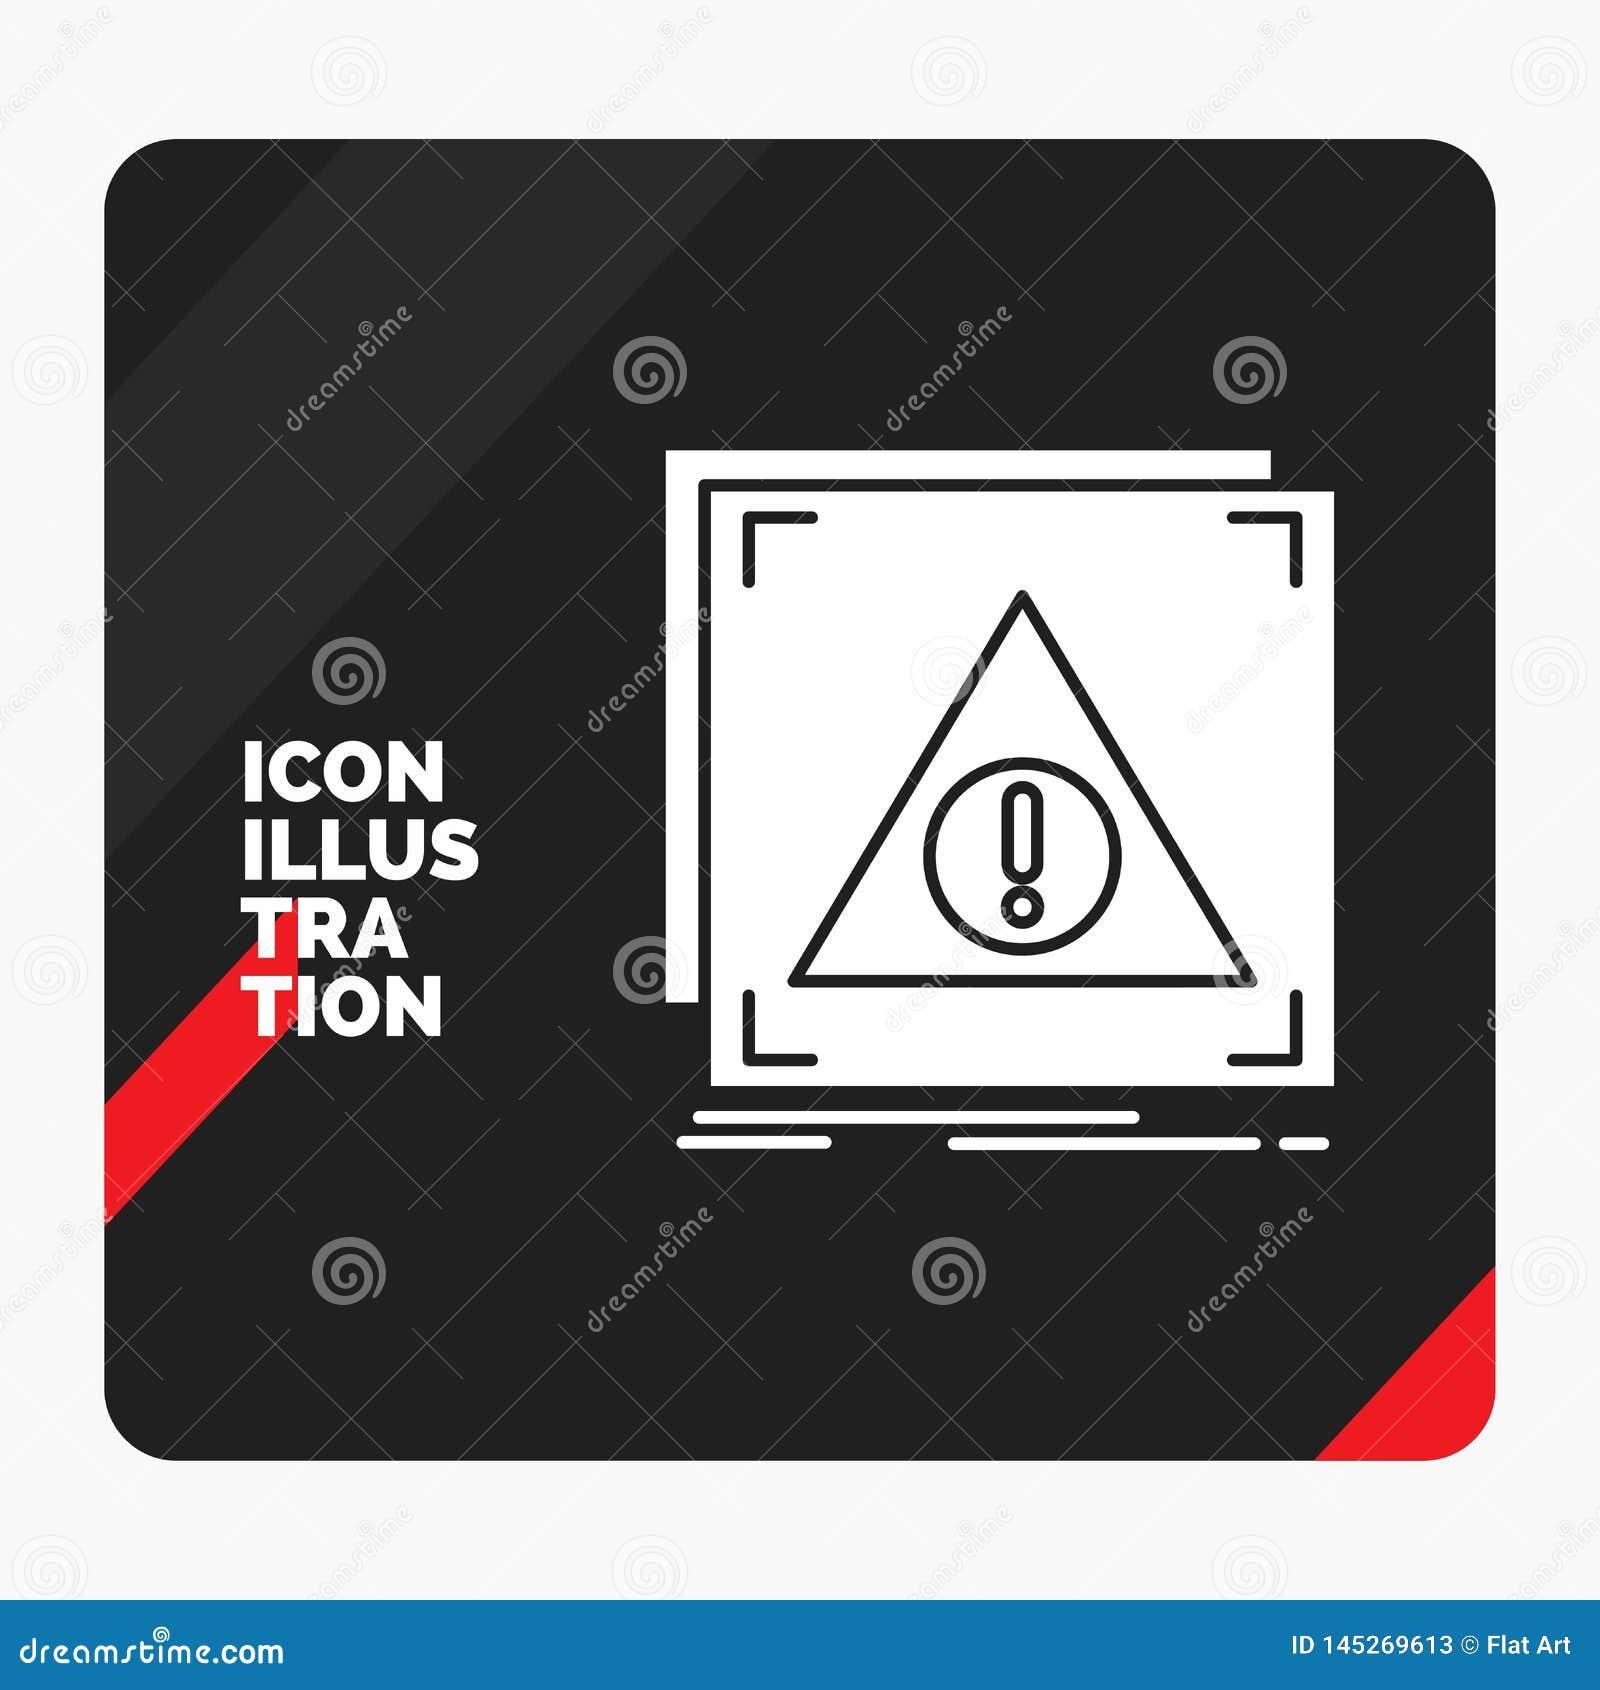 Roter und schwarzer kreativer Darstellung Hintergrund für Fehler, Anwendung, verweigert, Server, wachsame Glyph-Ikone